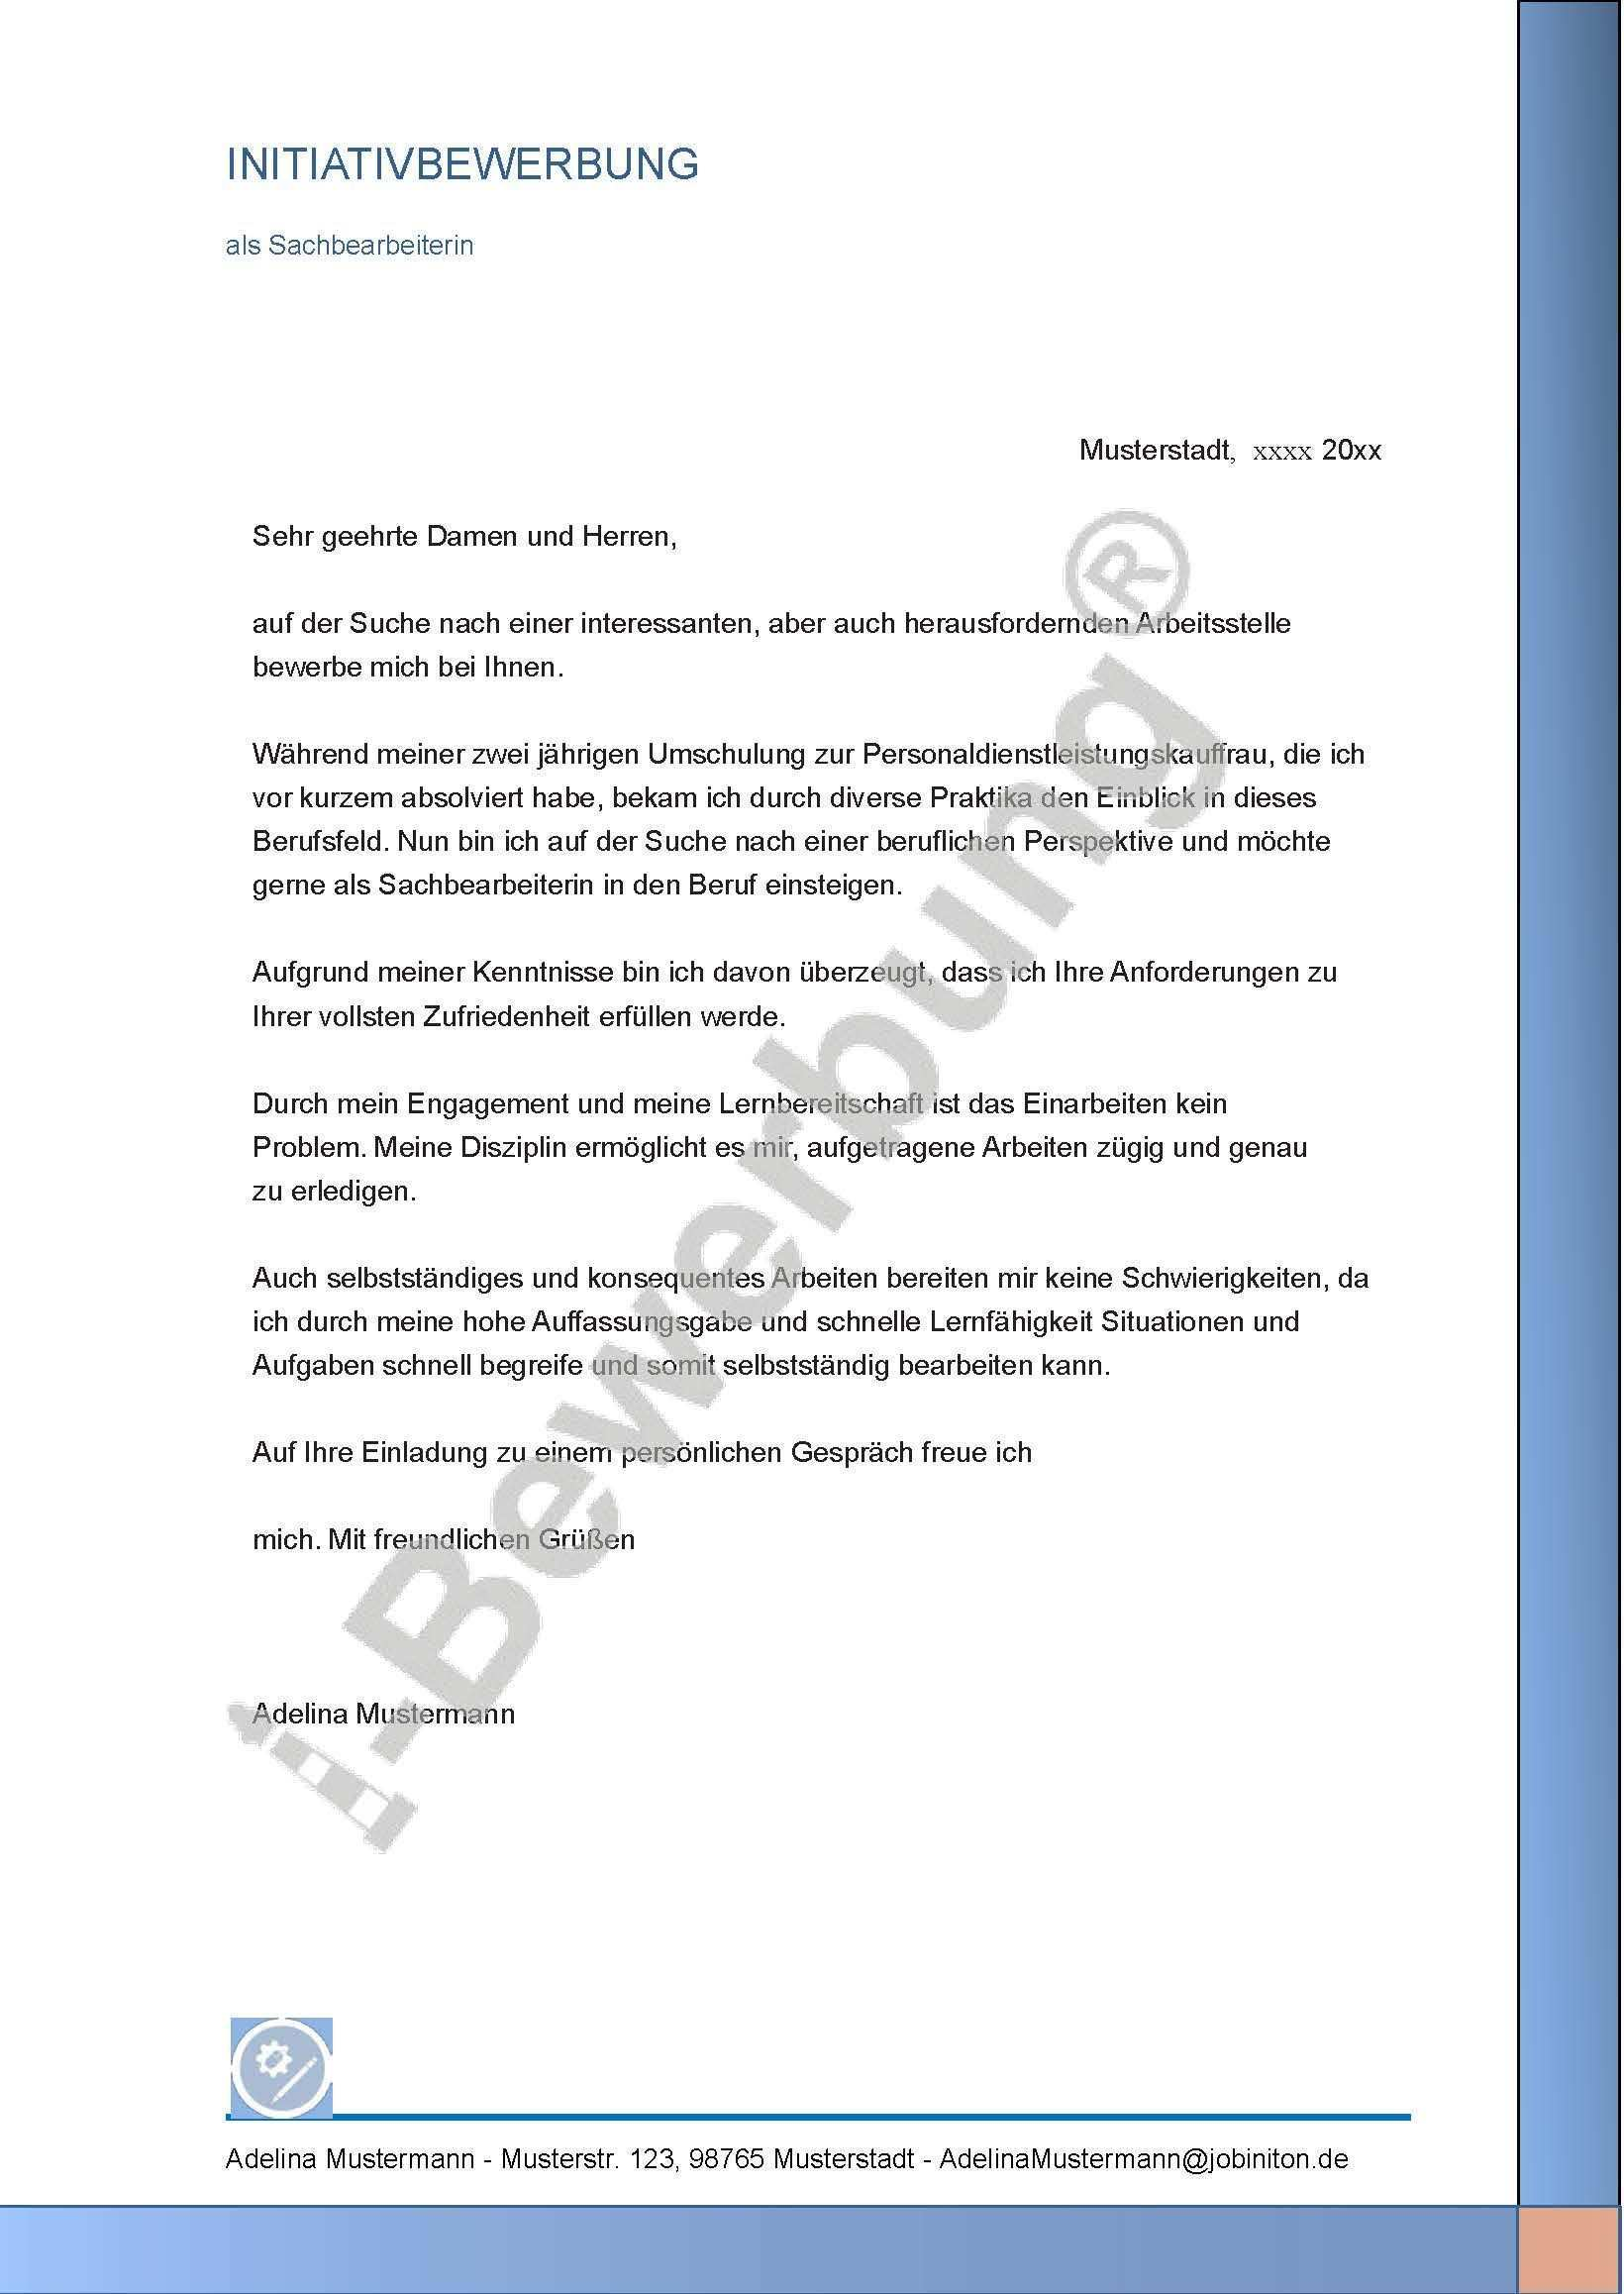 Muster Fur Das Bewerbungsanschreiben Als Sachbearbeiterin Adelina 625 Bewerbung Anschreiben Bewerbung Schreiben Bewerbung